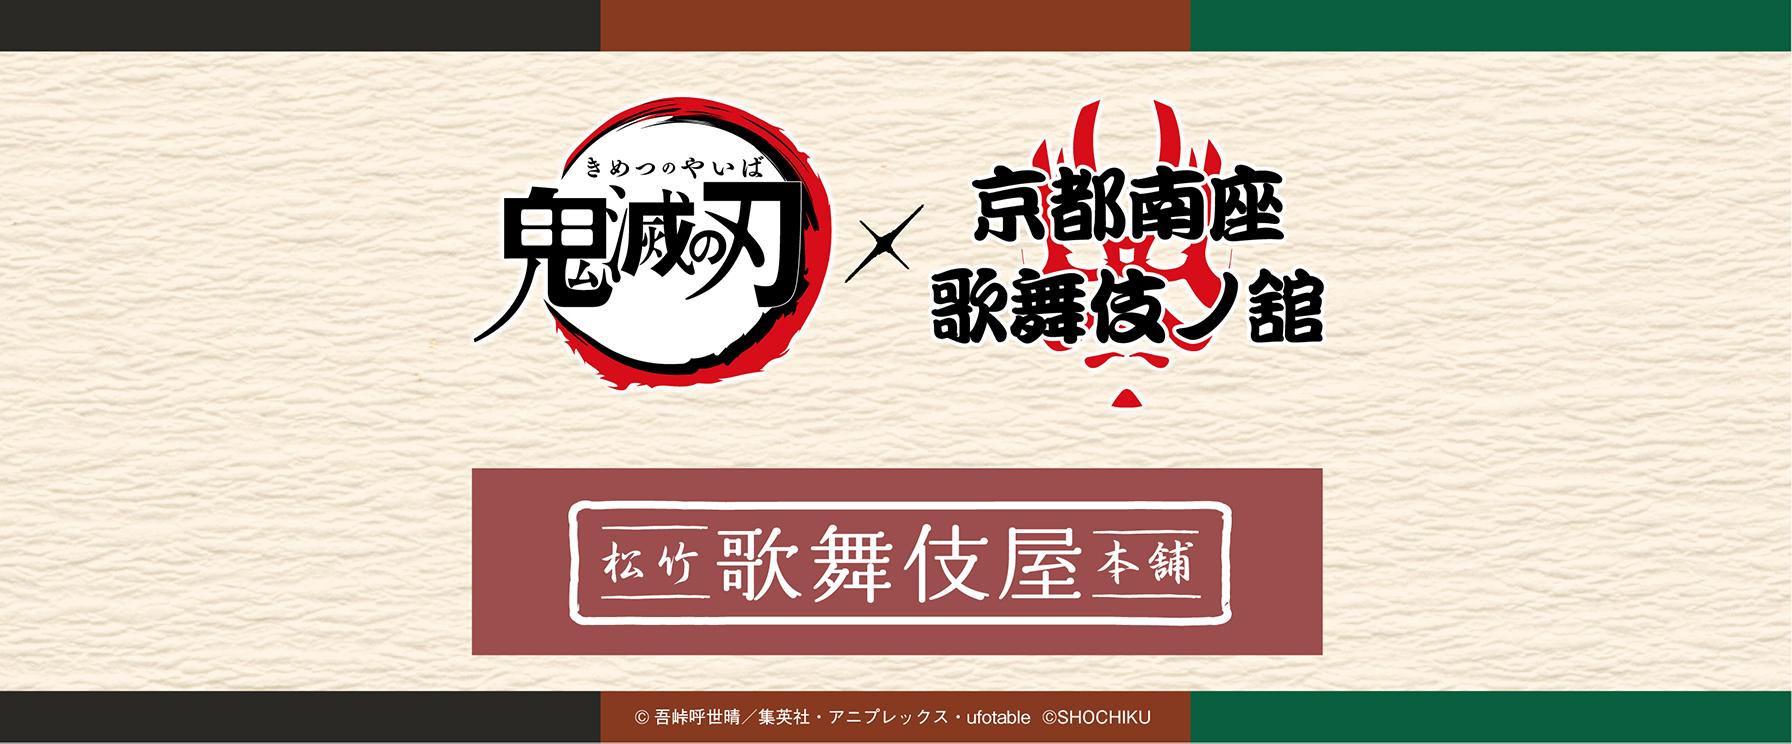 「鬼滅の刃 × 京都南座 歌舞伎ノ舘」コラボグッズ事後物販